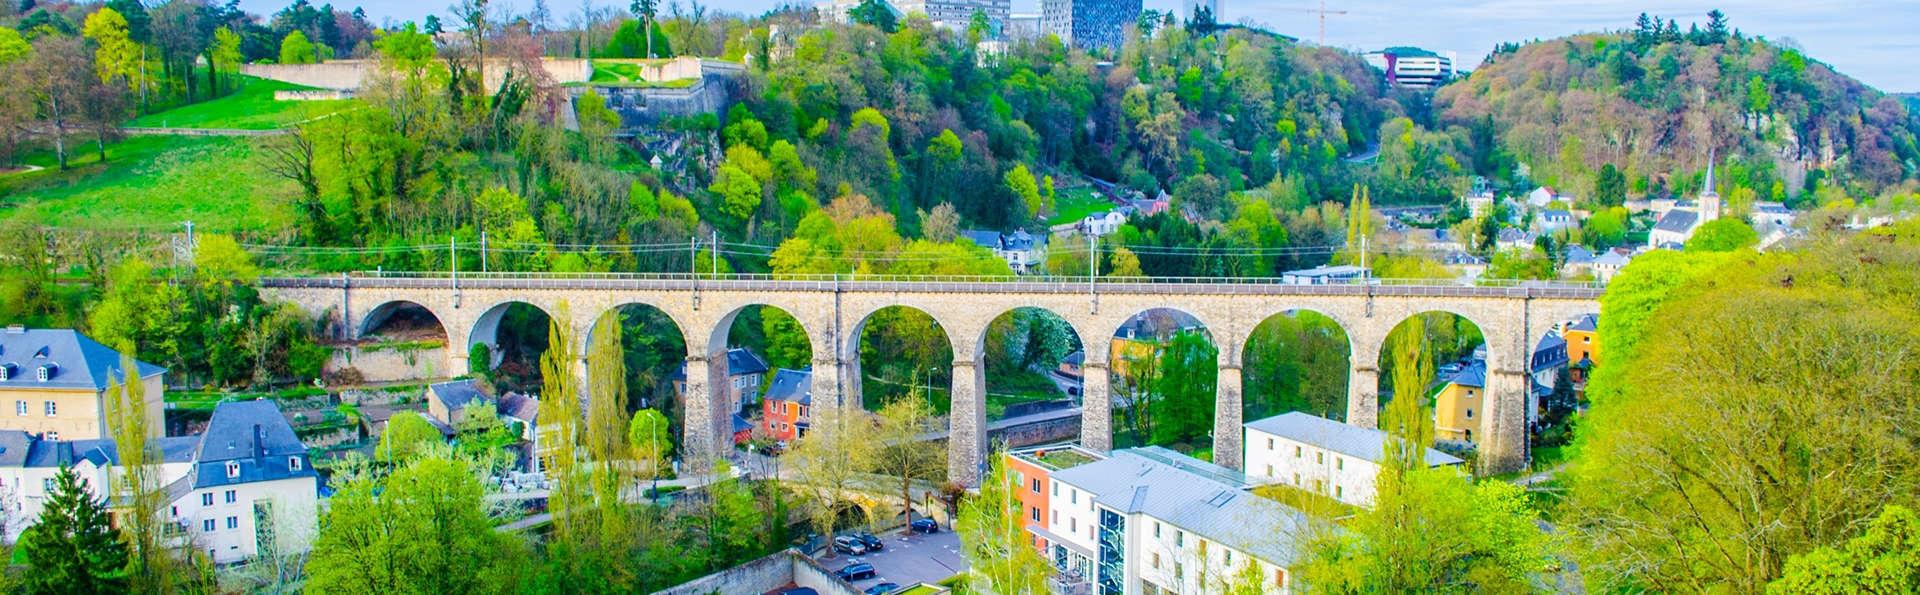 Citytrip en famille au cœur de Luxembourg (à partir de 2 nuits)